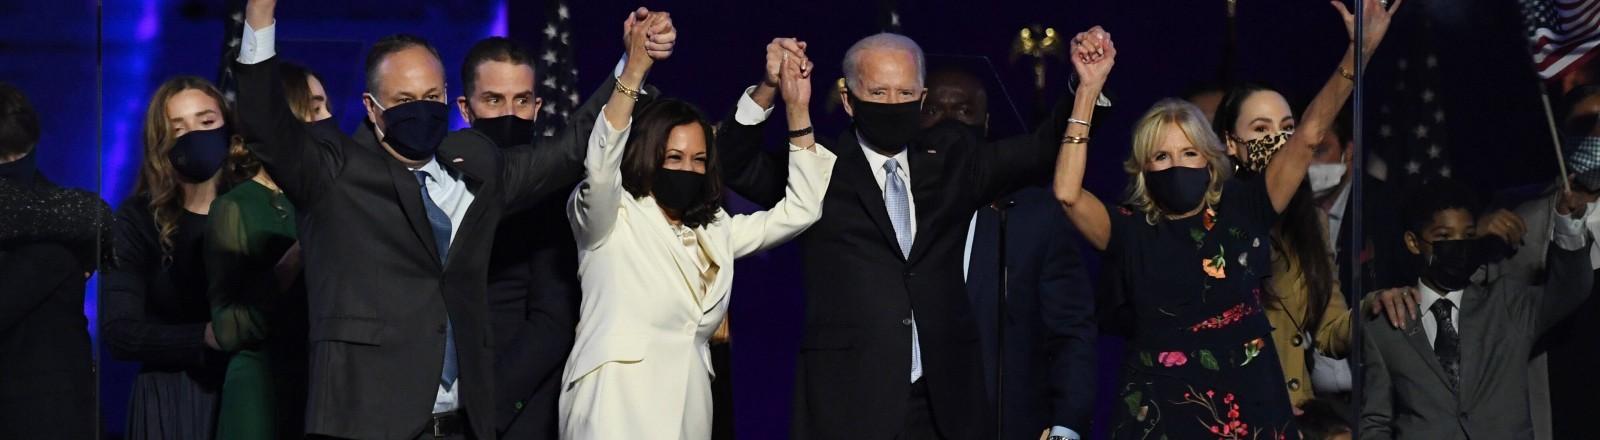 Joe Biden und Kamala Harris bei ihrem Sieg am 07.11.2020